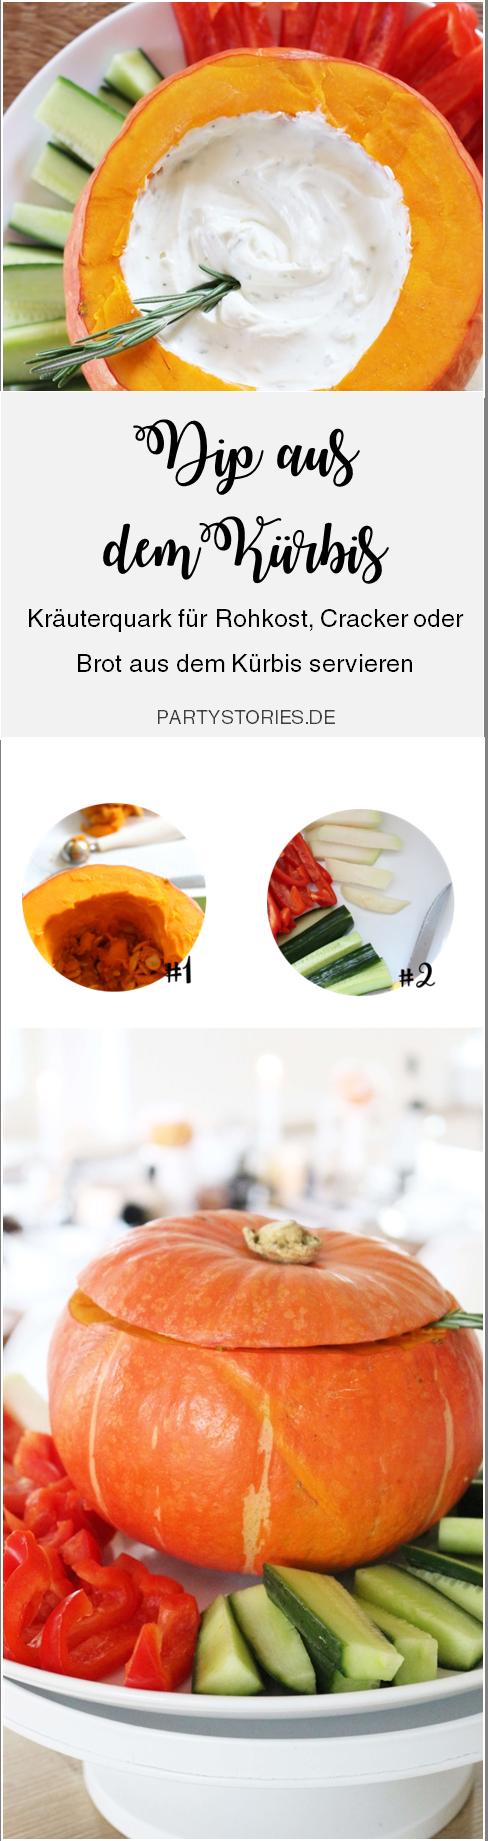 Bild: Rezept für Dip aus dem Kürbis als Partyfood - perfekt für Rohkost, Cracker oder Brot, gefunden auf Partystories.de